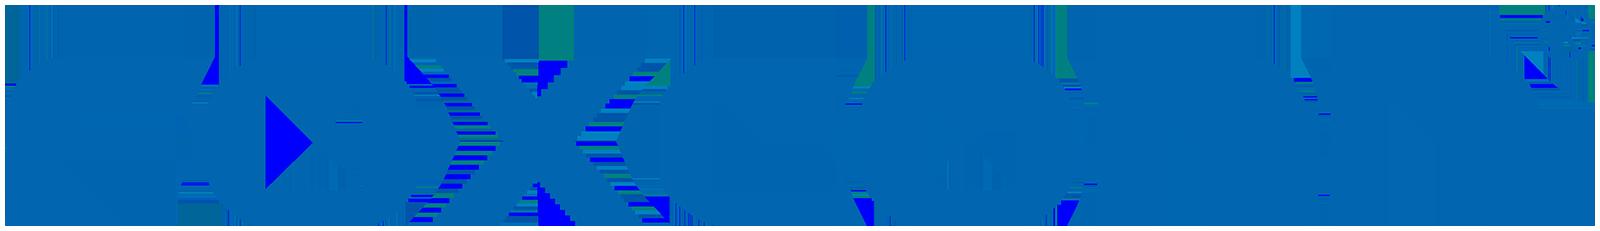 Logo de Foxconn